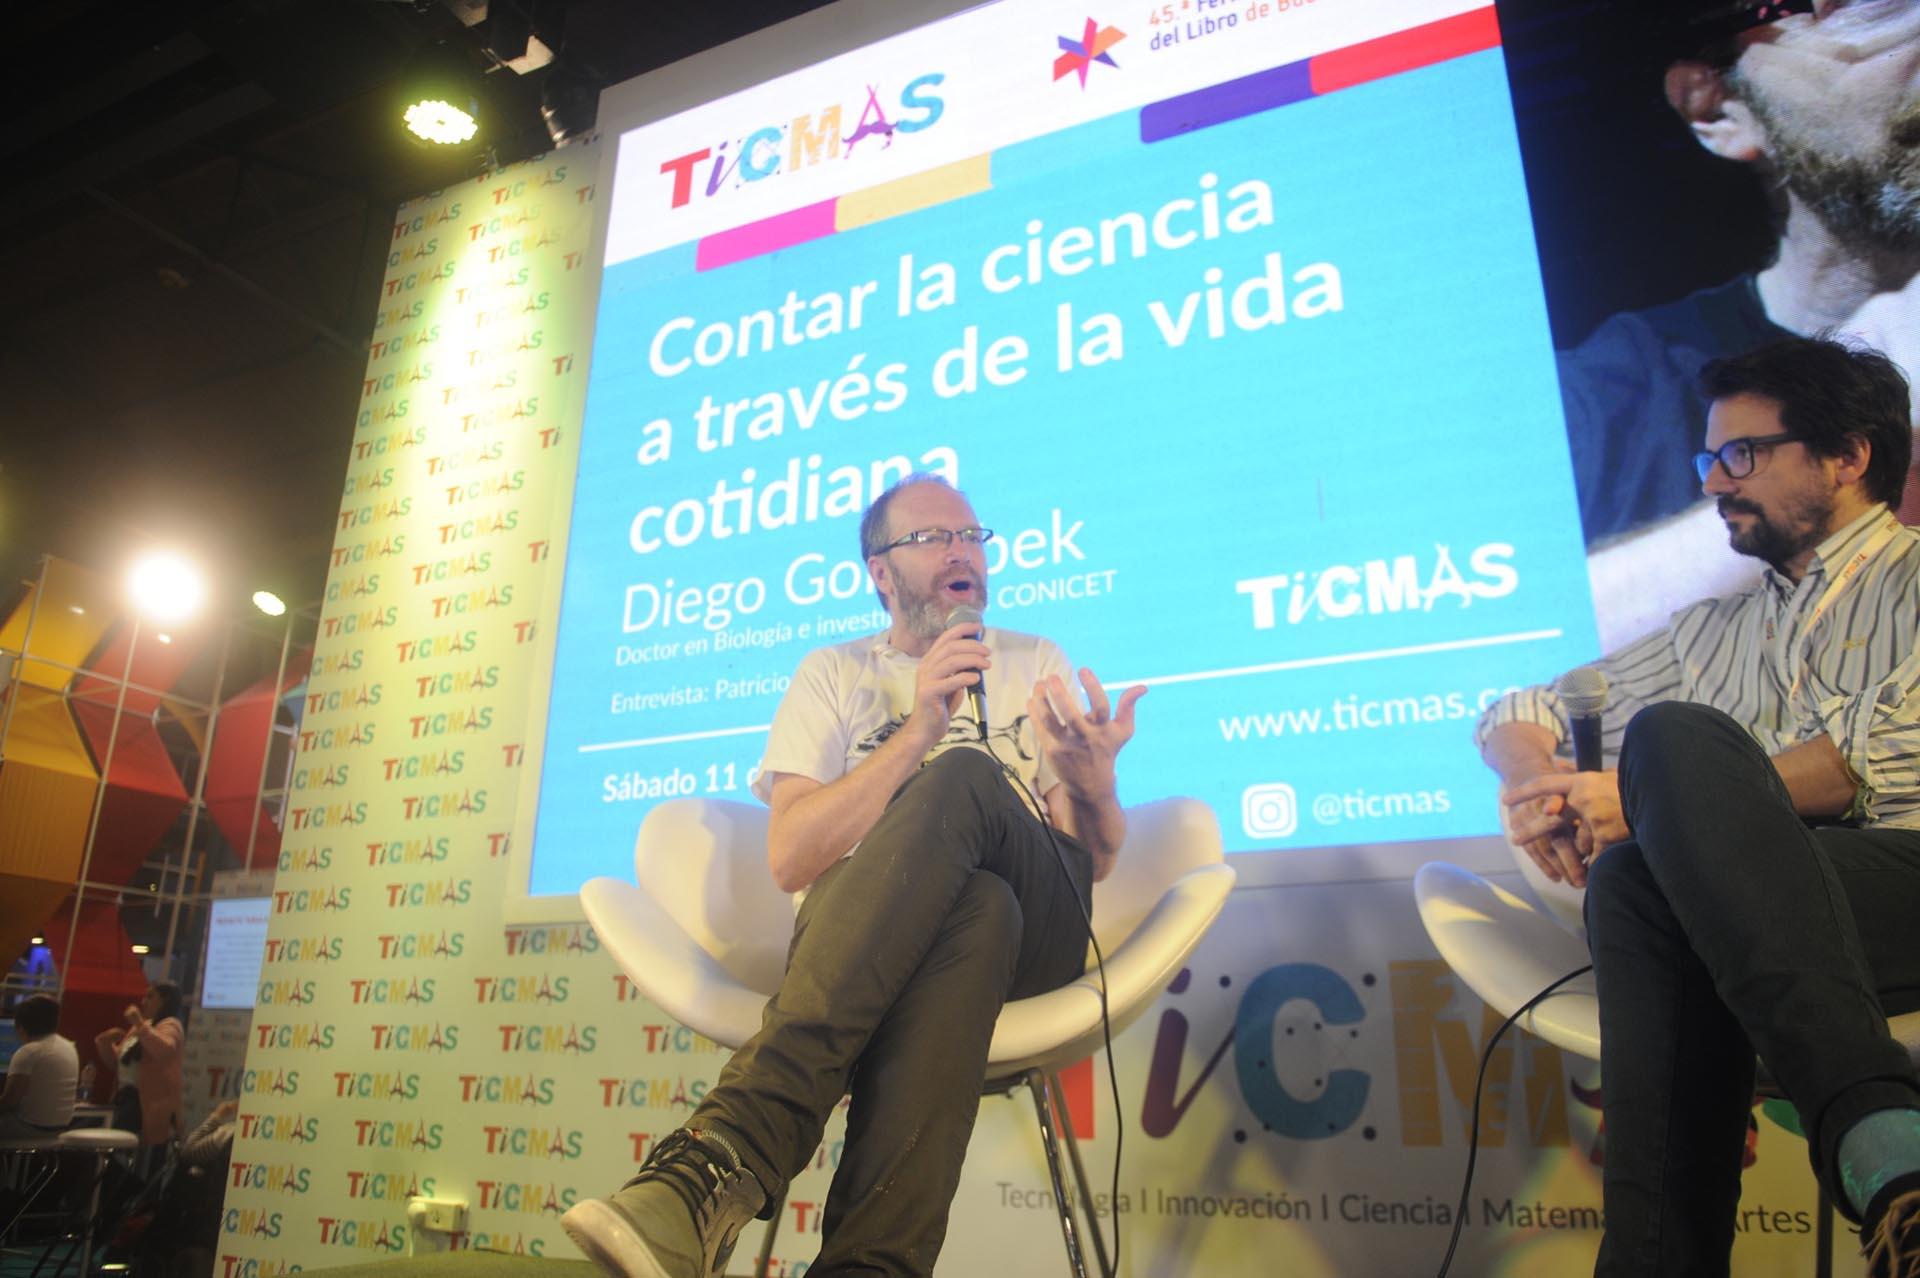 Diego Golombek en el stand de Ticmas (Dino Calvo)